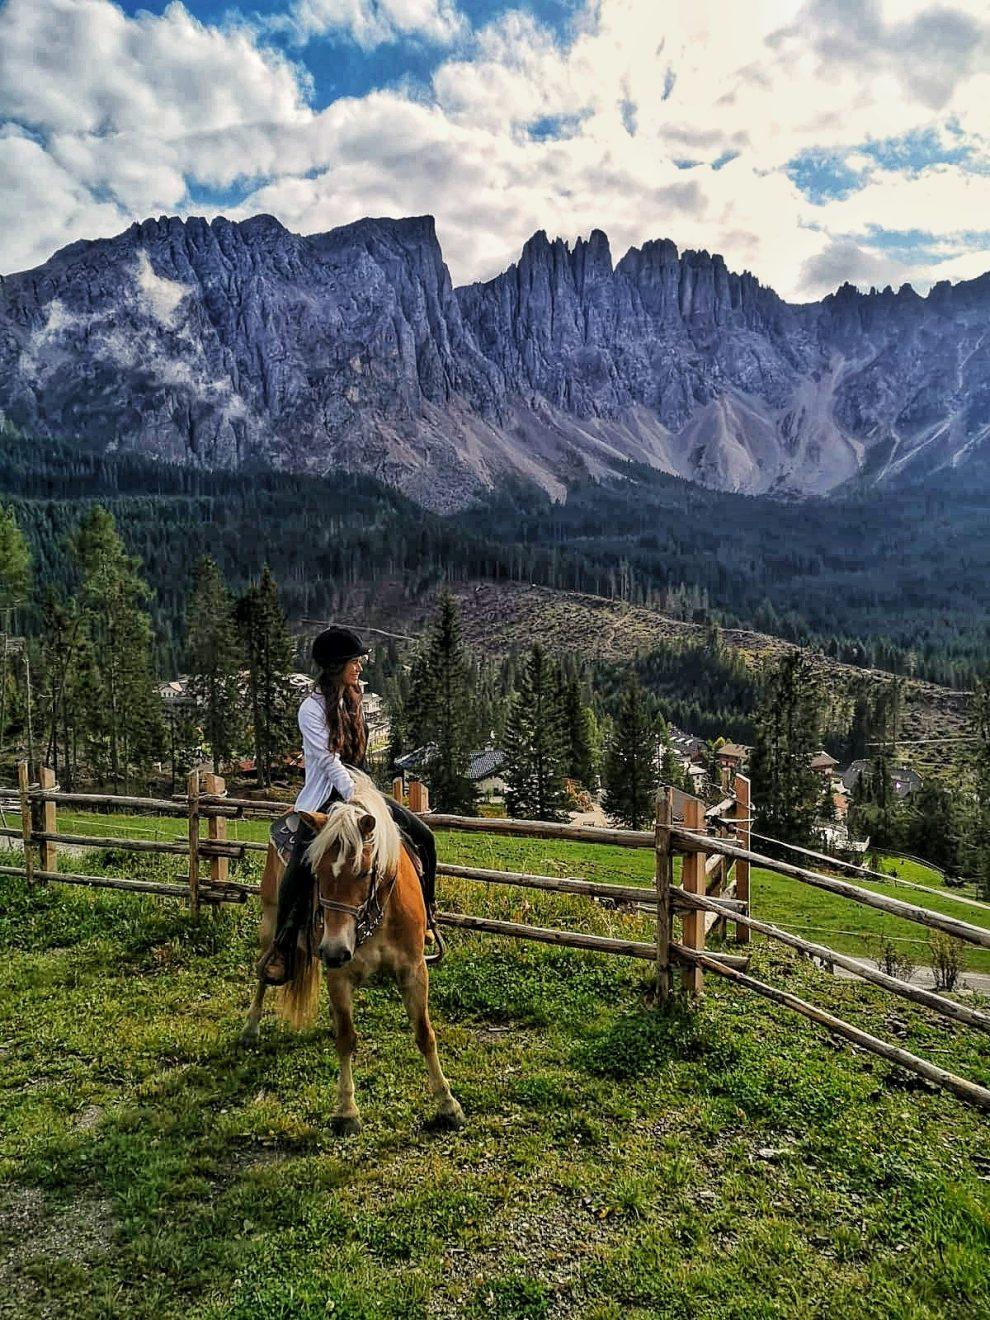 Vakantie naar Zuid Tirol, Dolomieten in de zomer - Rosengartengruppe -  paardrijden in de Dolomieten